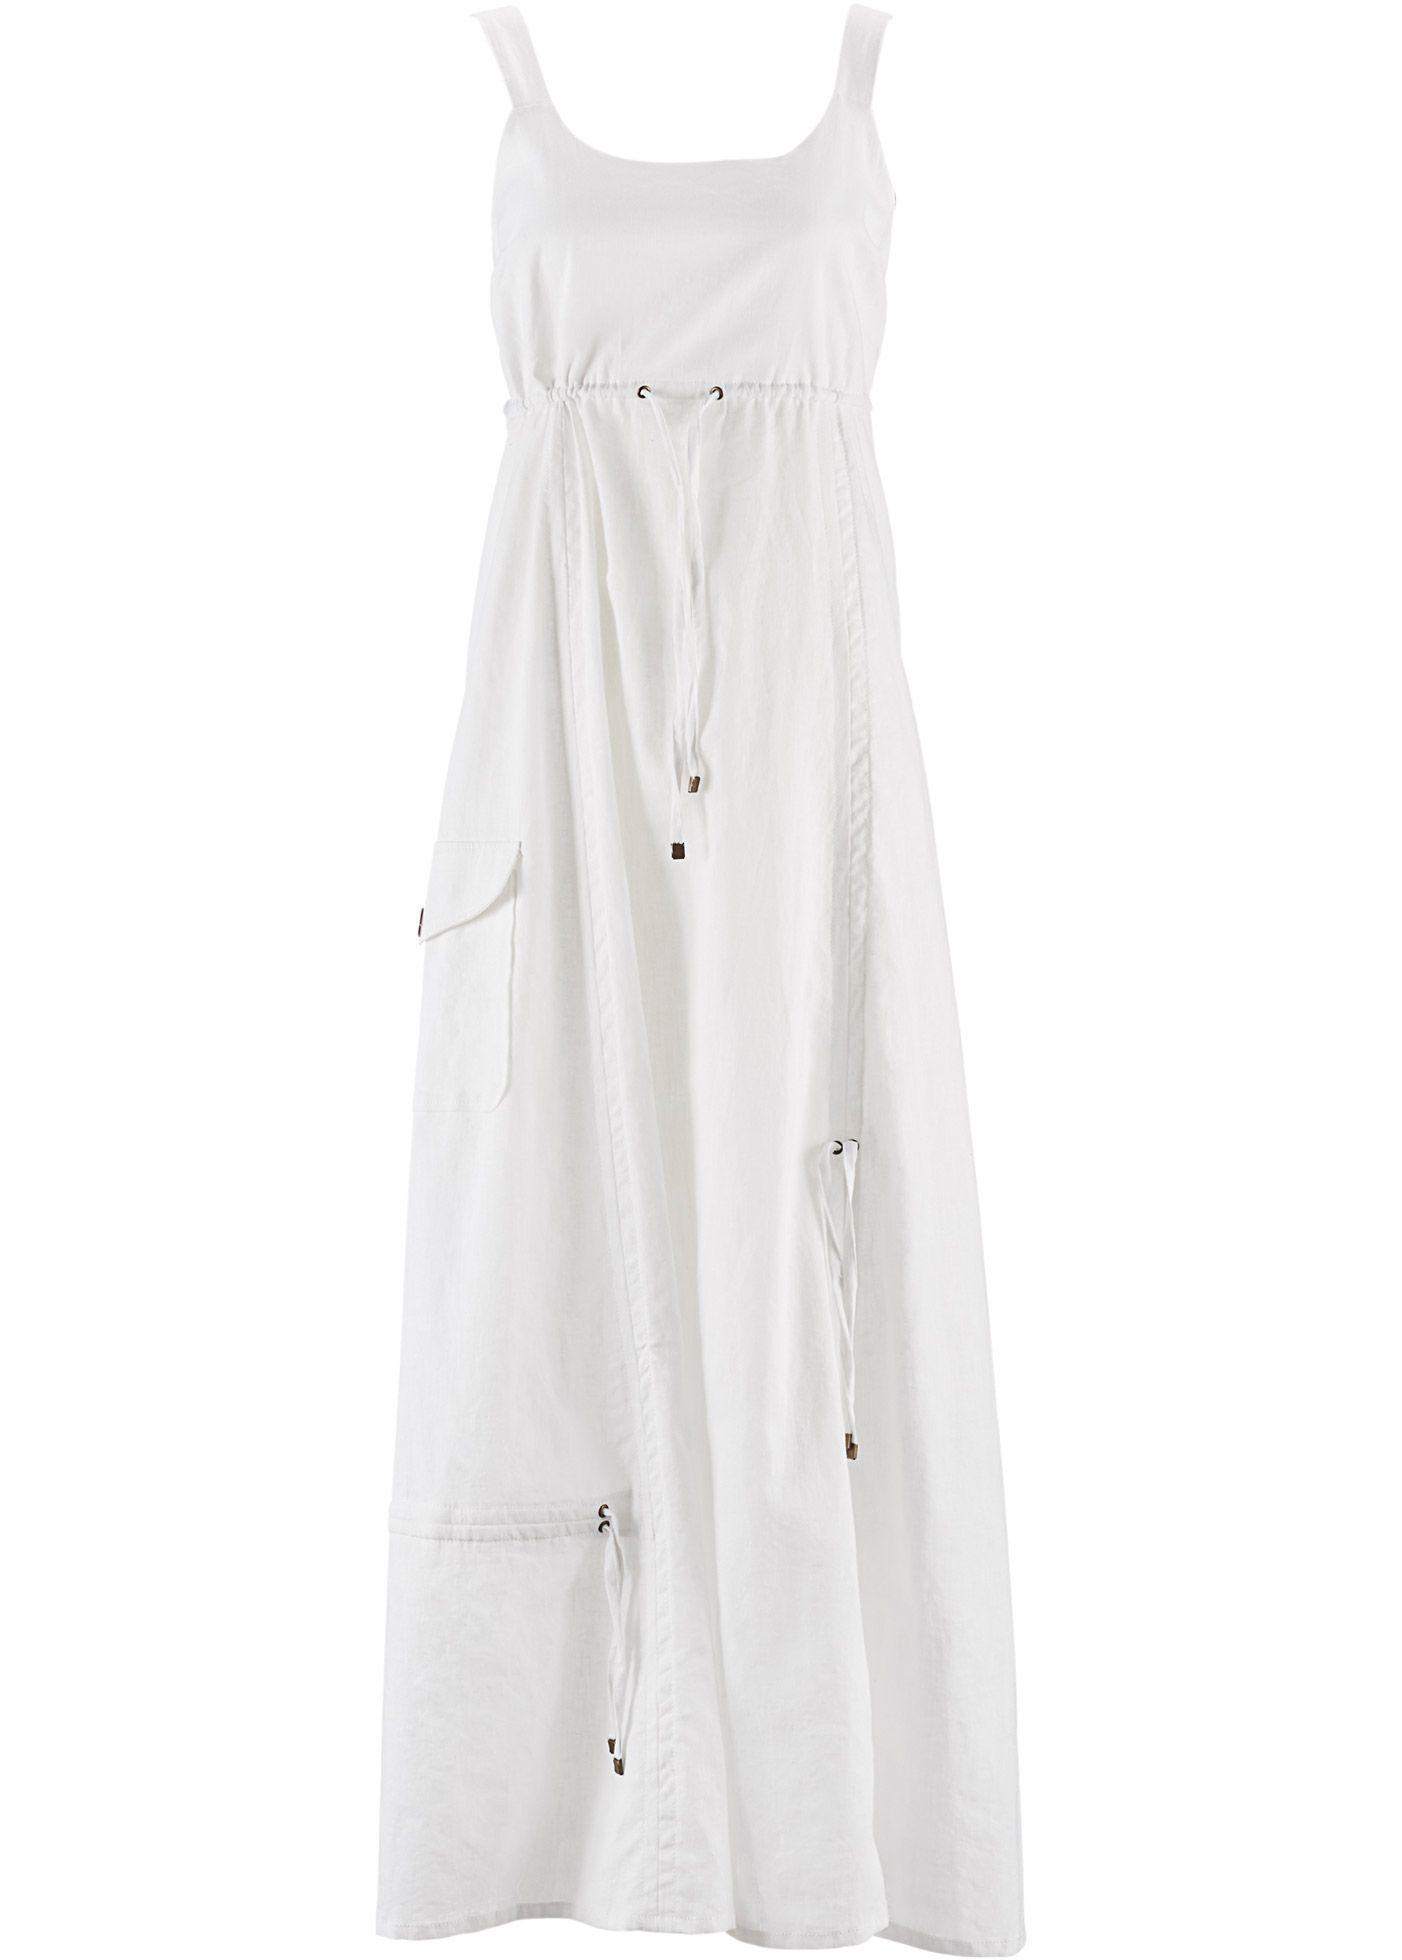 Keten Kumas Elbise Bpc Bonprix Collection Beyaz Giyim Yazlik Kiyafetler Ve The Dress